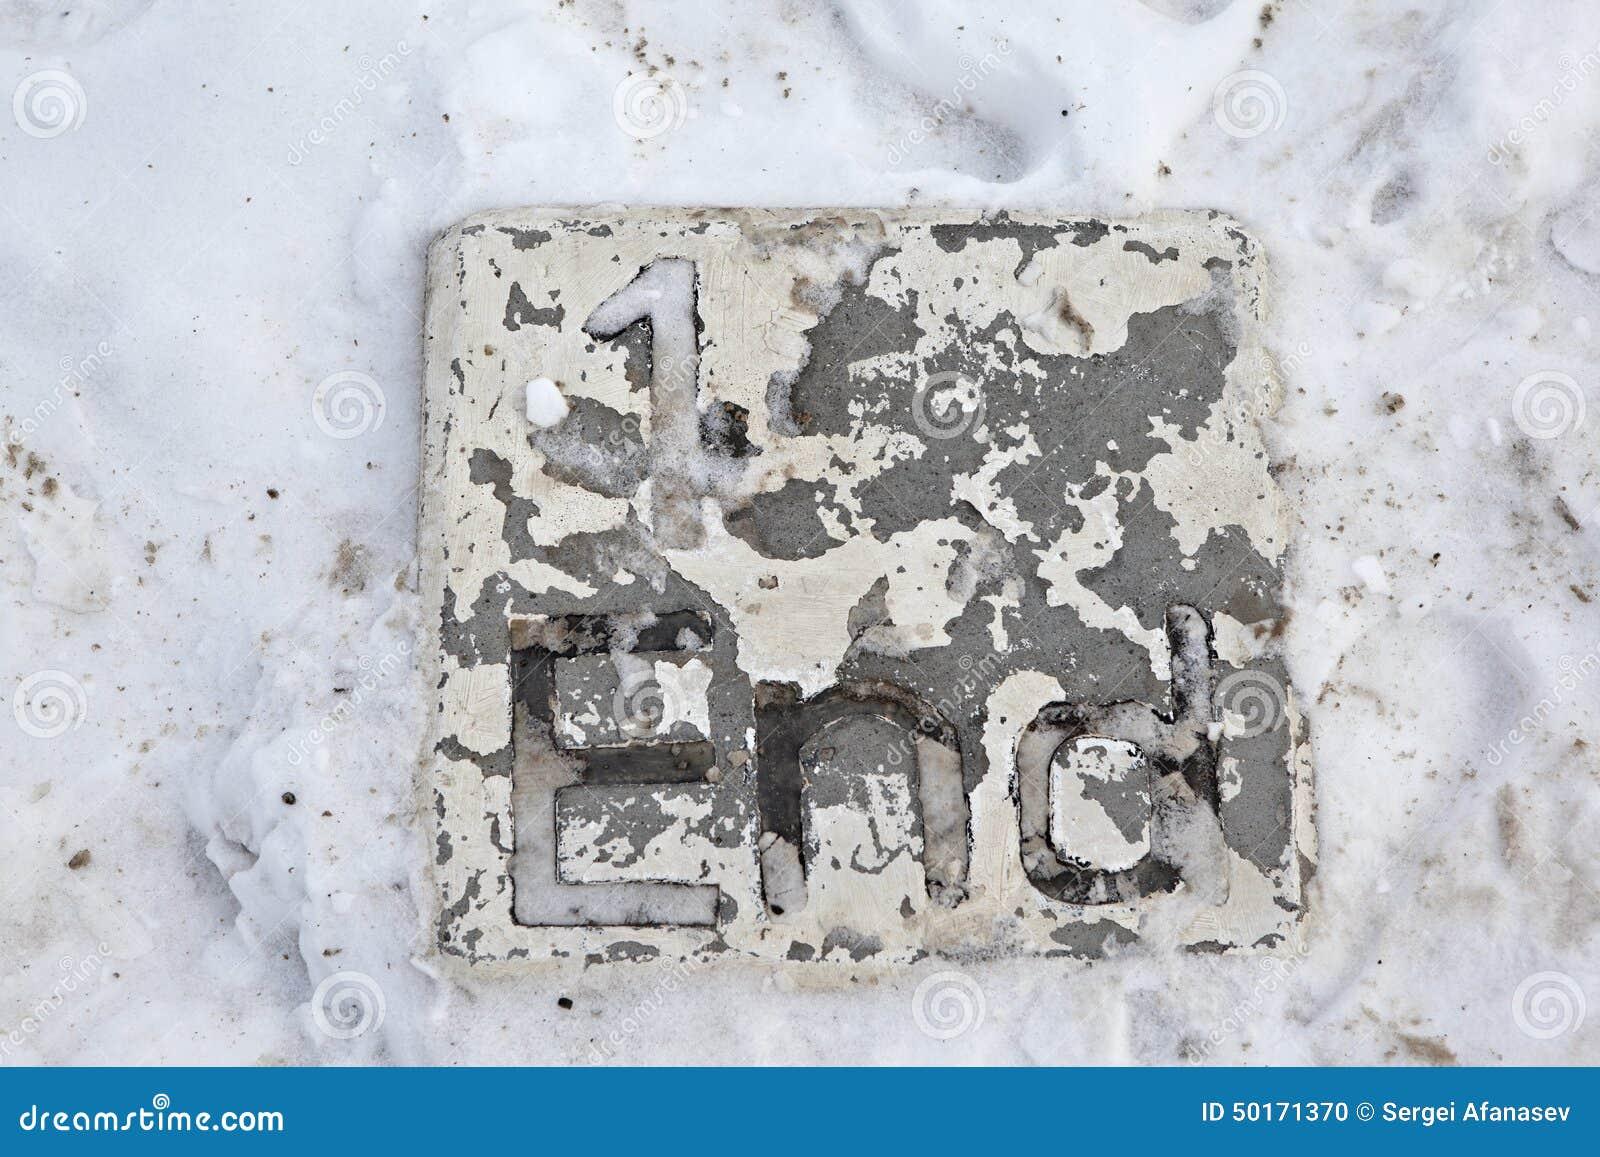 EKATERINBURG, RUSSIE - 11 FÉVRIER 2015 : Photo de clé